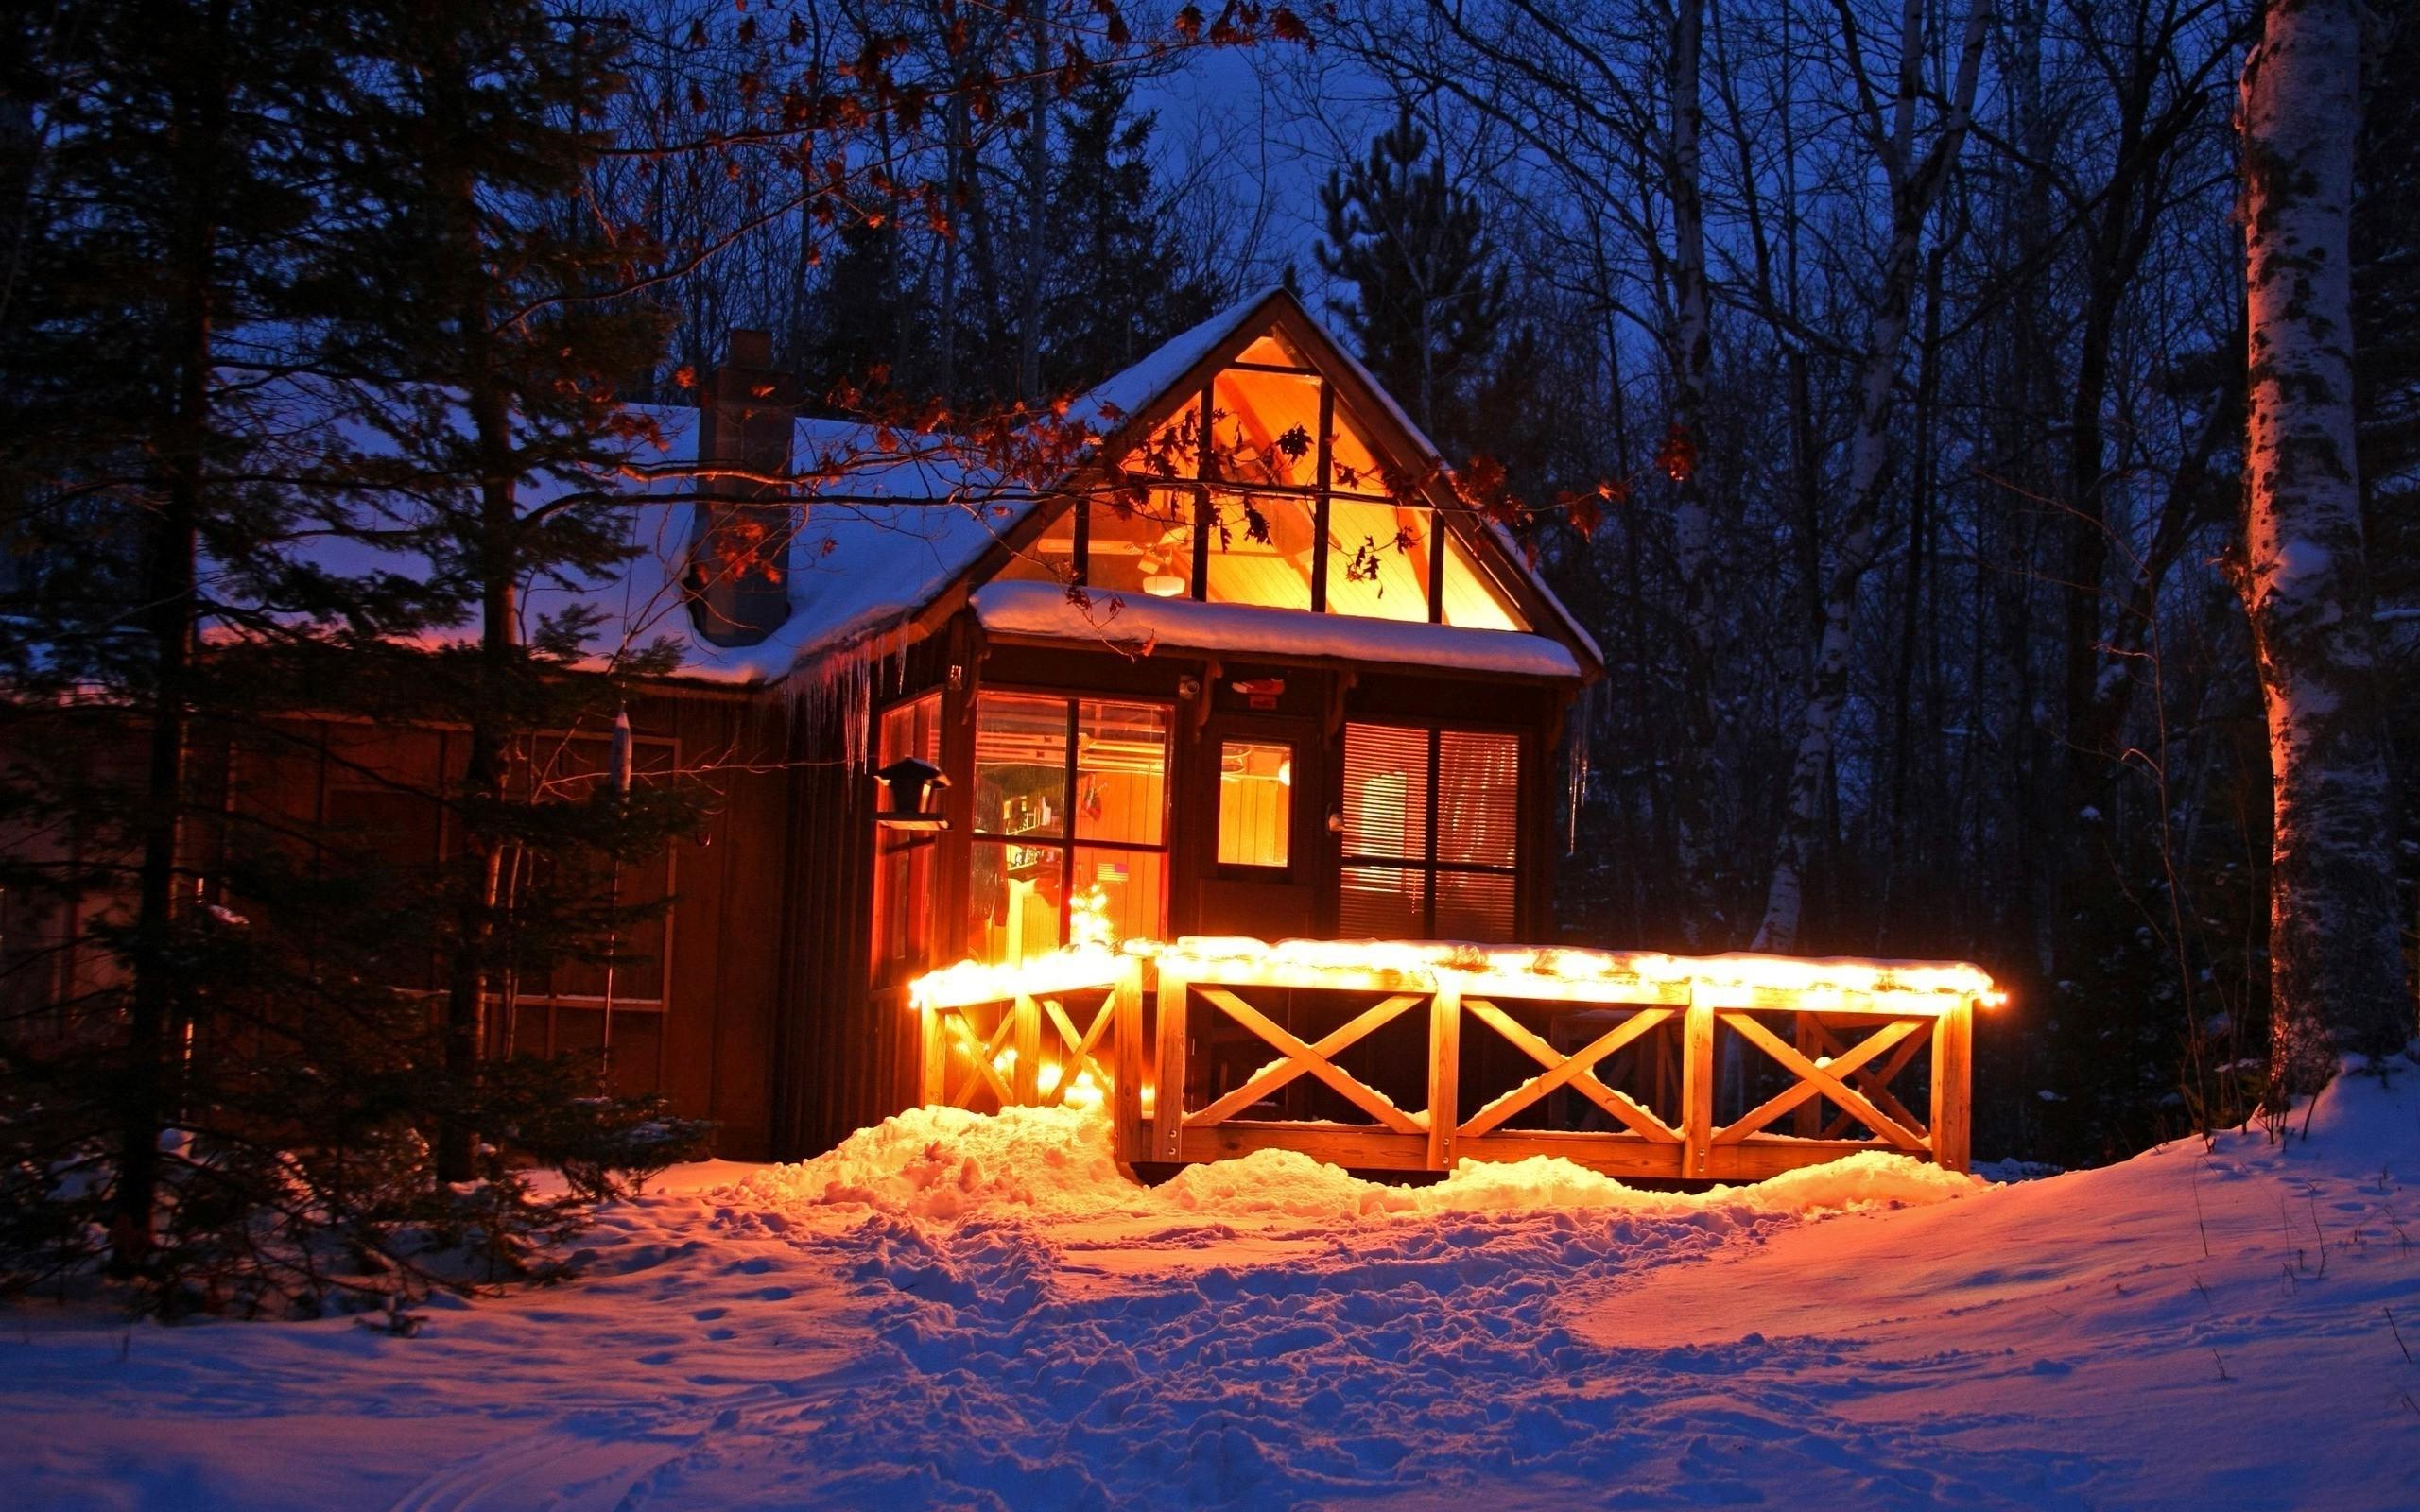 Fondos de pantalla luces bosque noche nieve invierno - Cabanas de madera en la nieve ...